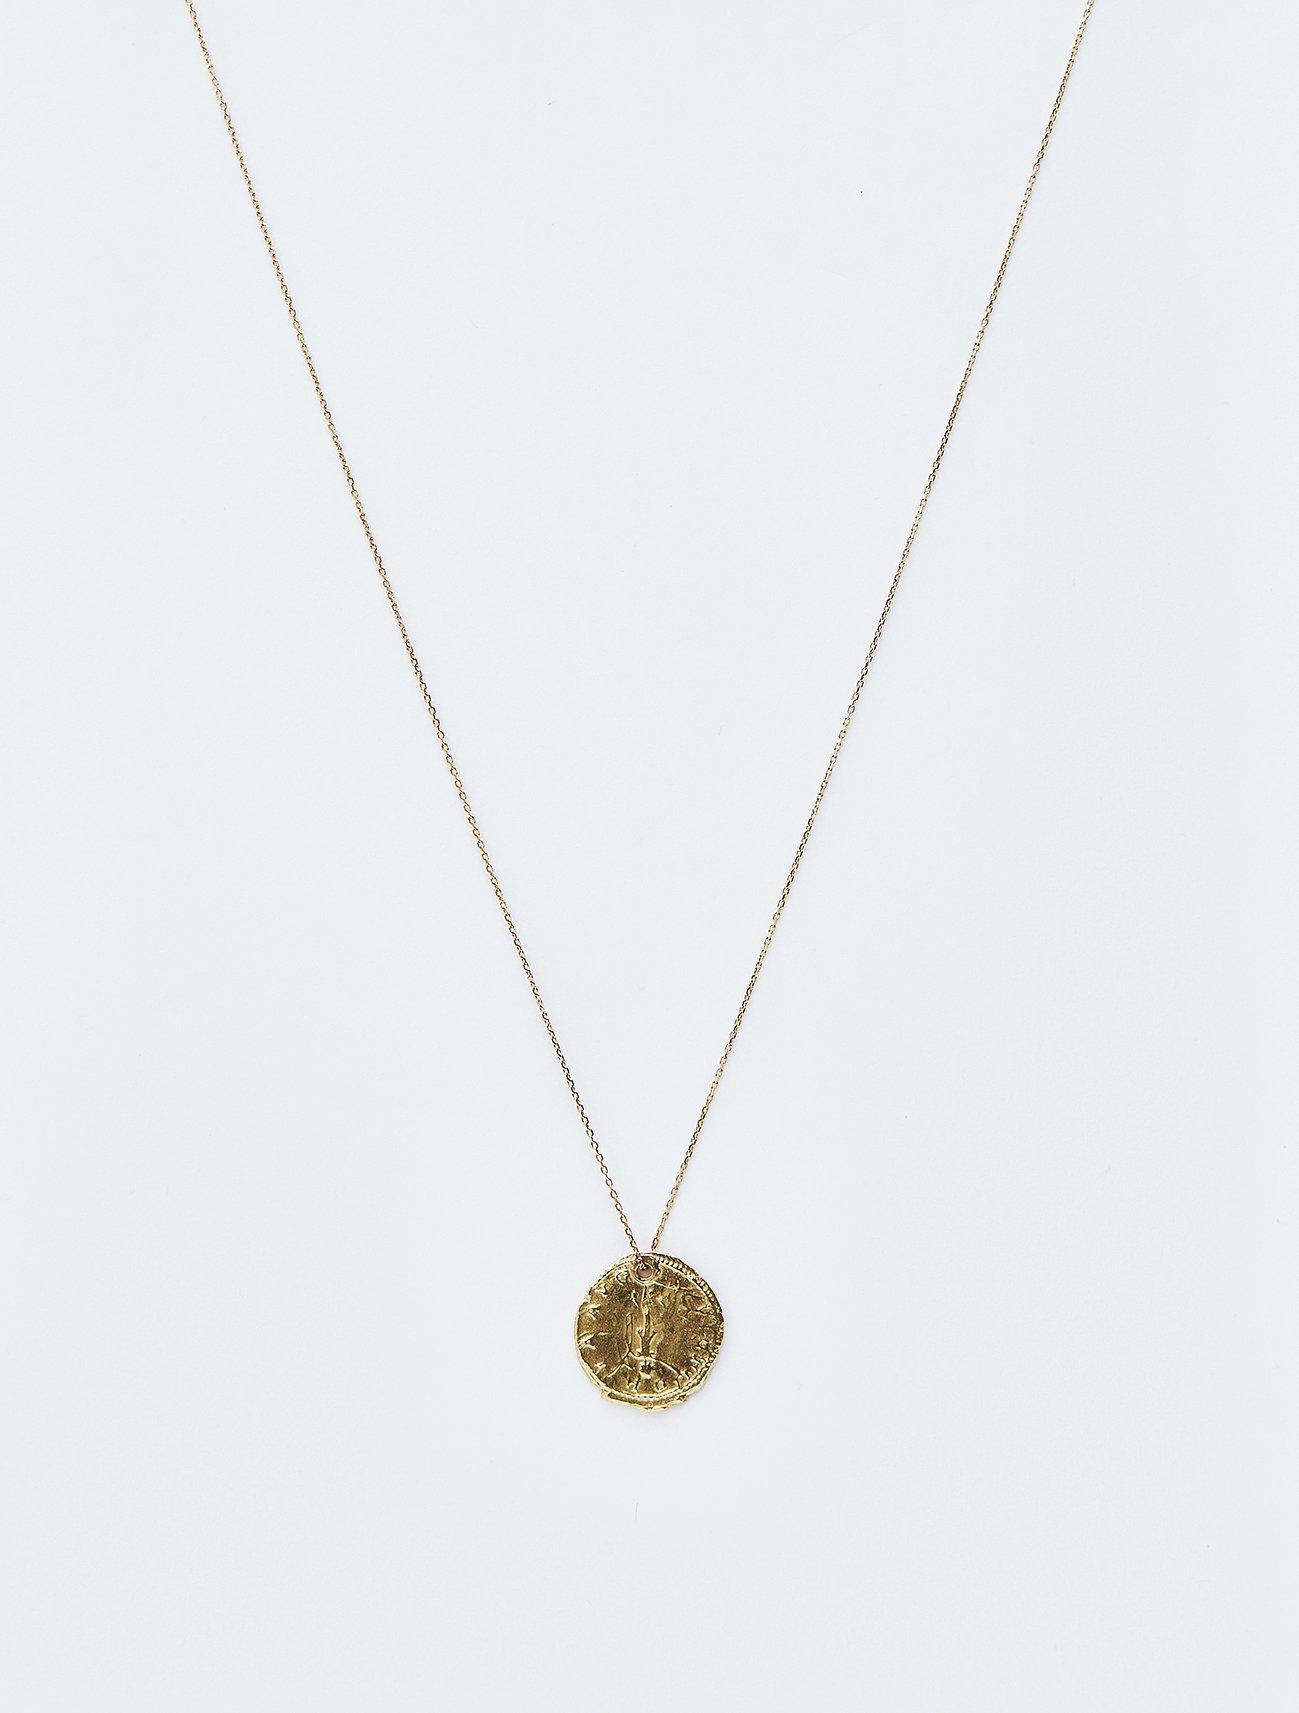 HELIOS / Roman coin necklace / ANTONINIANO